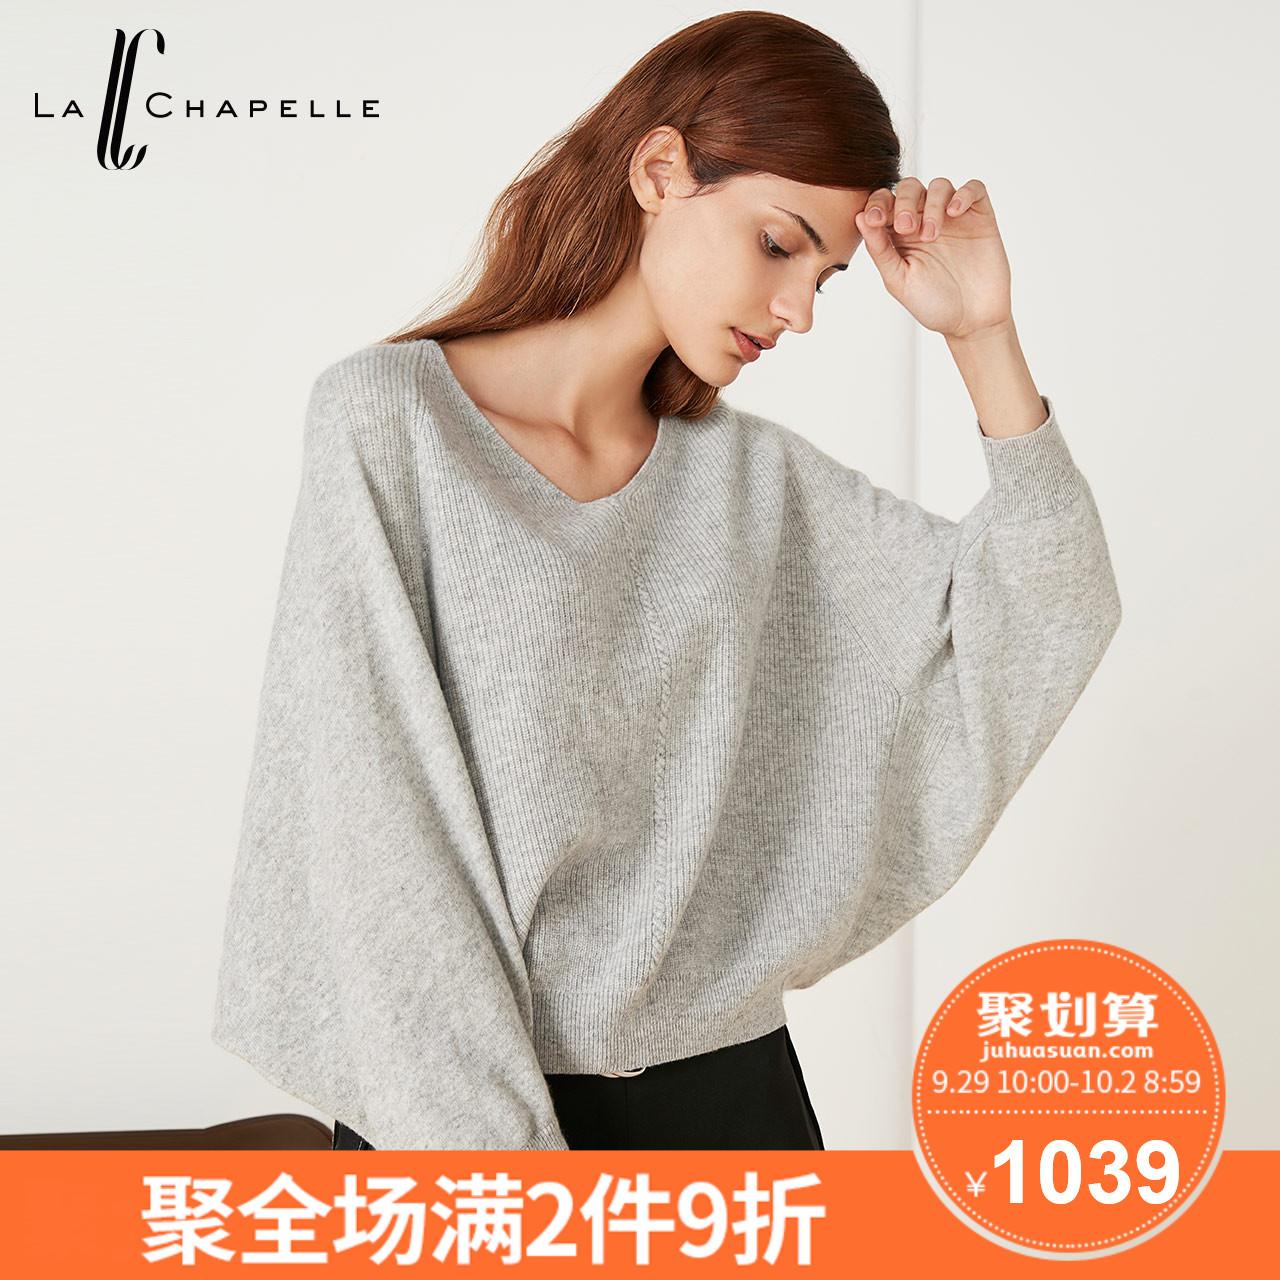 毛针织衫女2018秋季新款韩版宽松百搭毛衫打底羊绒衫长袖中长毛衣